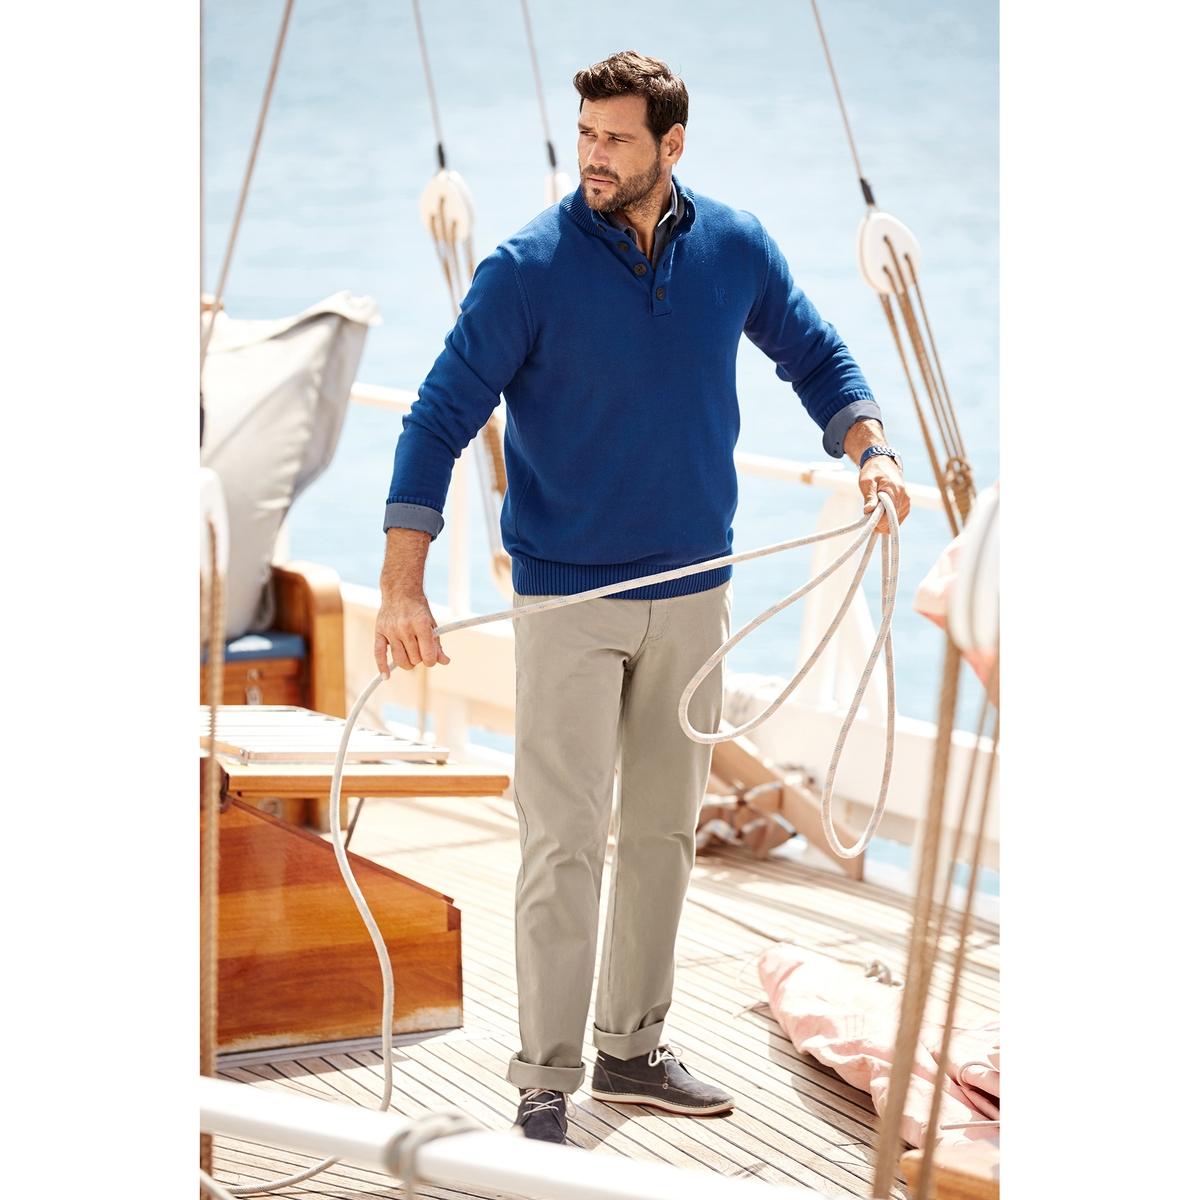 ПуловерыПуловер с воротником-стойкой JP1880. 100% хлопок. Трикотажный пуловер с воротником-стойкой. Мужественный пуловер с прямым воротником контрастного цвета внутри. Планка застёжки на пуговицы, отделка краев в рубчик. Длина в зависимости от размера: от 76 до  90 см<br><br>Цвет: синий<br>Размер: 6XL